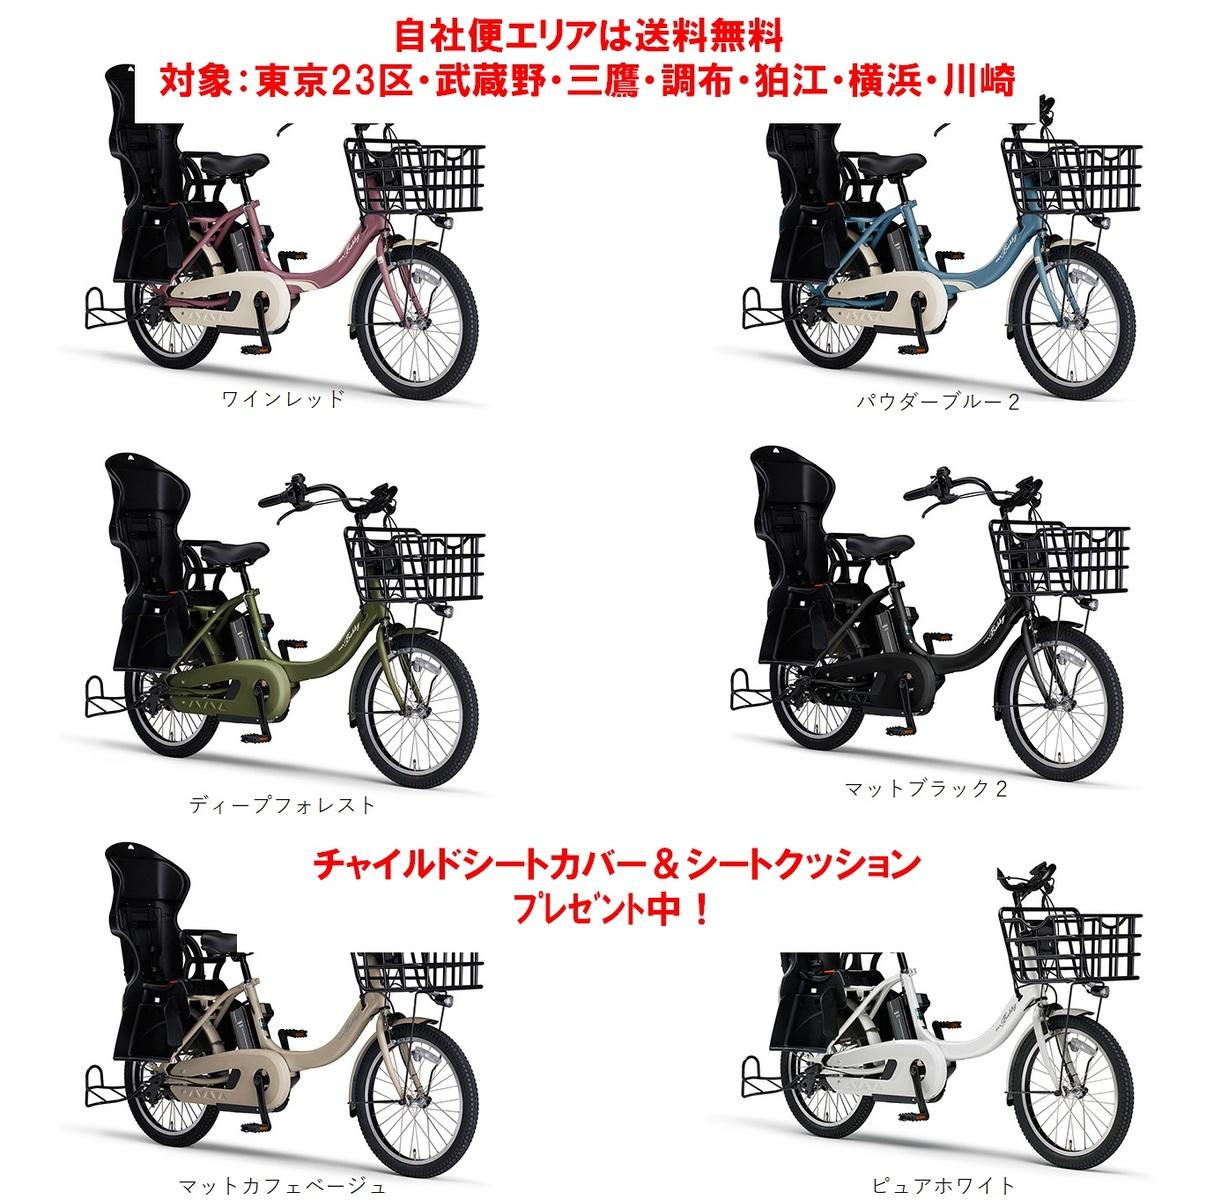 電動自転車 ヤマハ PAS Babby un(パス バビーアン)リヤチャイルドシート標準装備 20型 12.3Ah 2019年 完全組立 自社便エリア送料無料(土日対応)